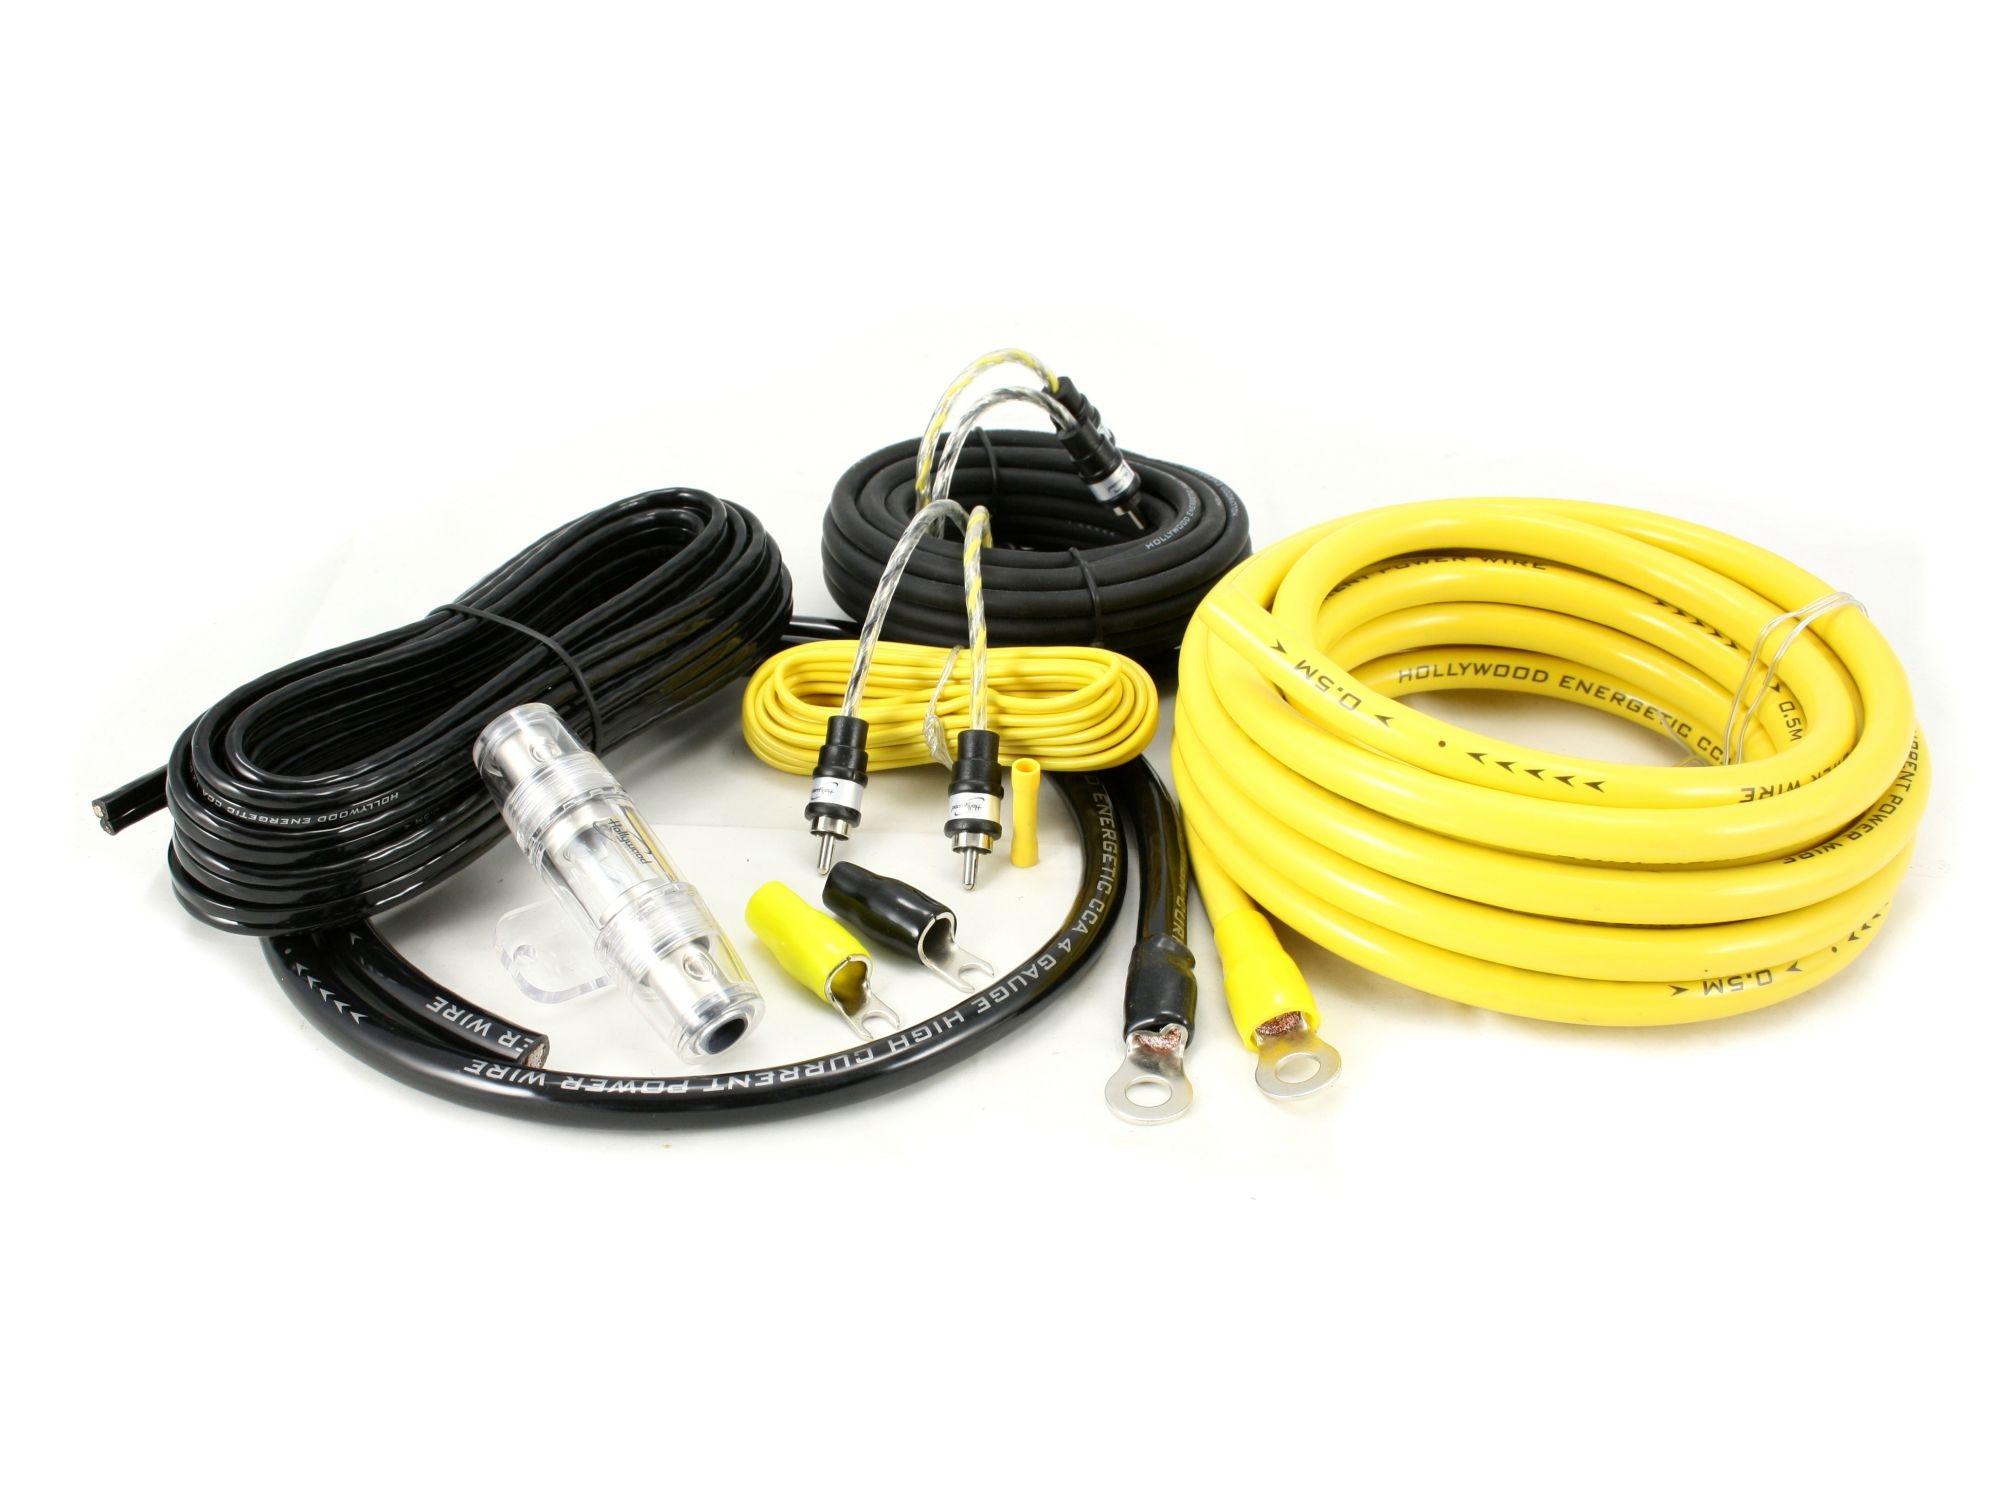 kabelset 20mm2 /100% copper